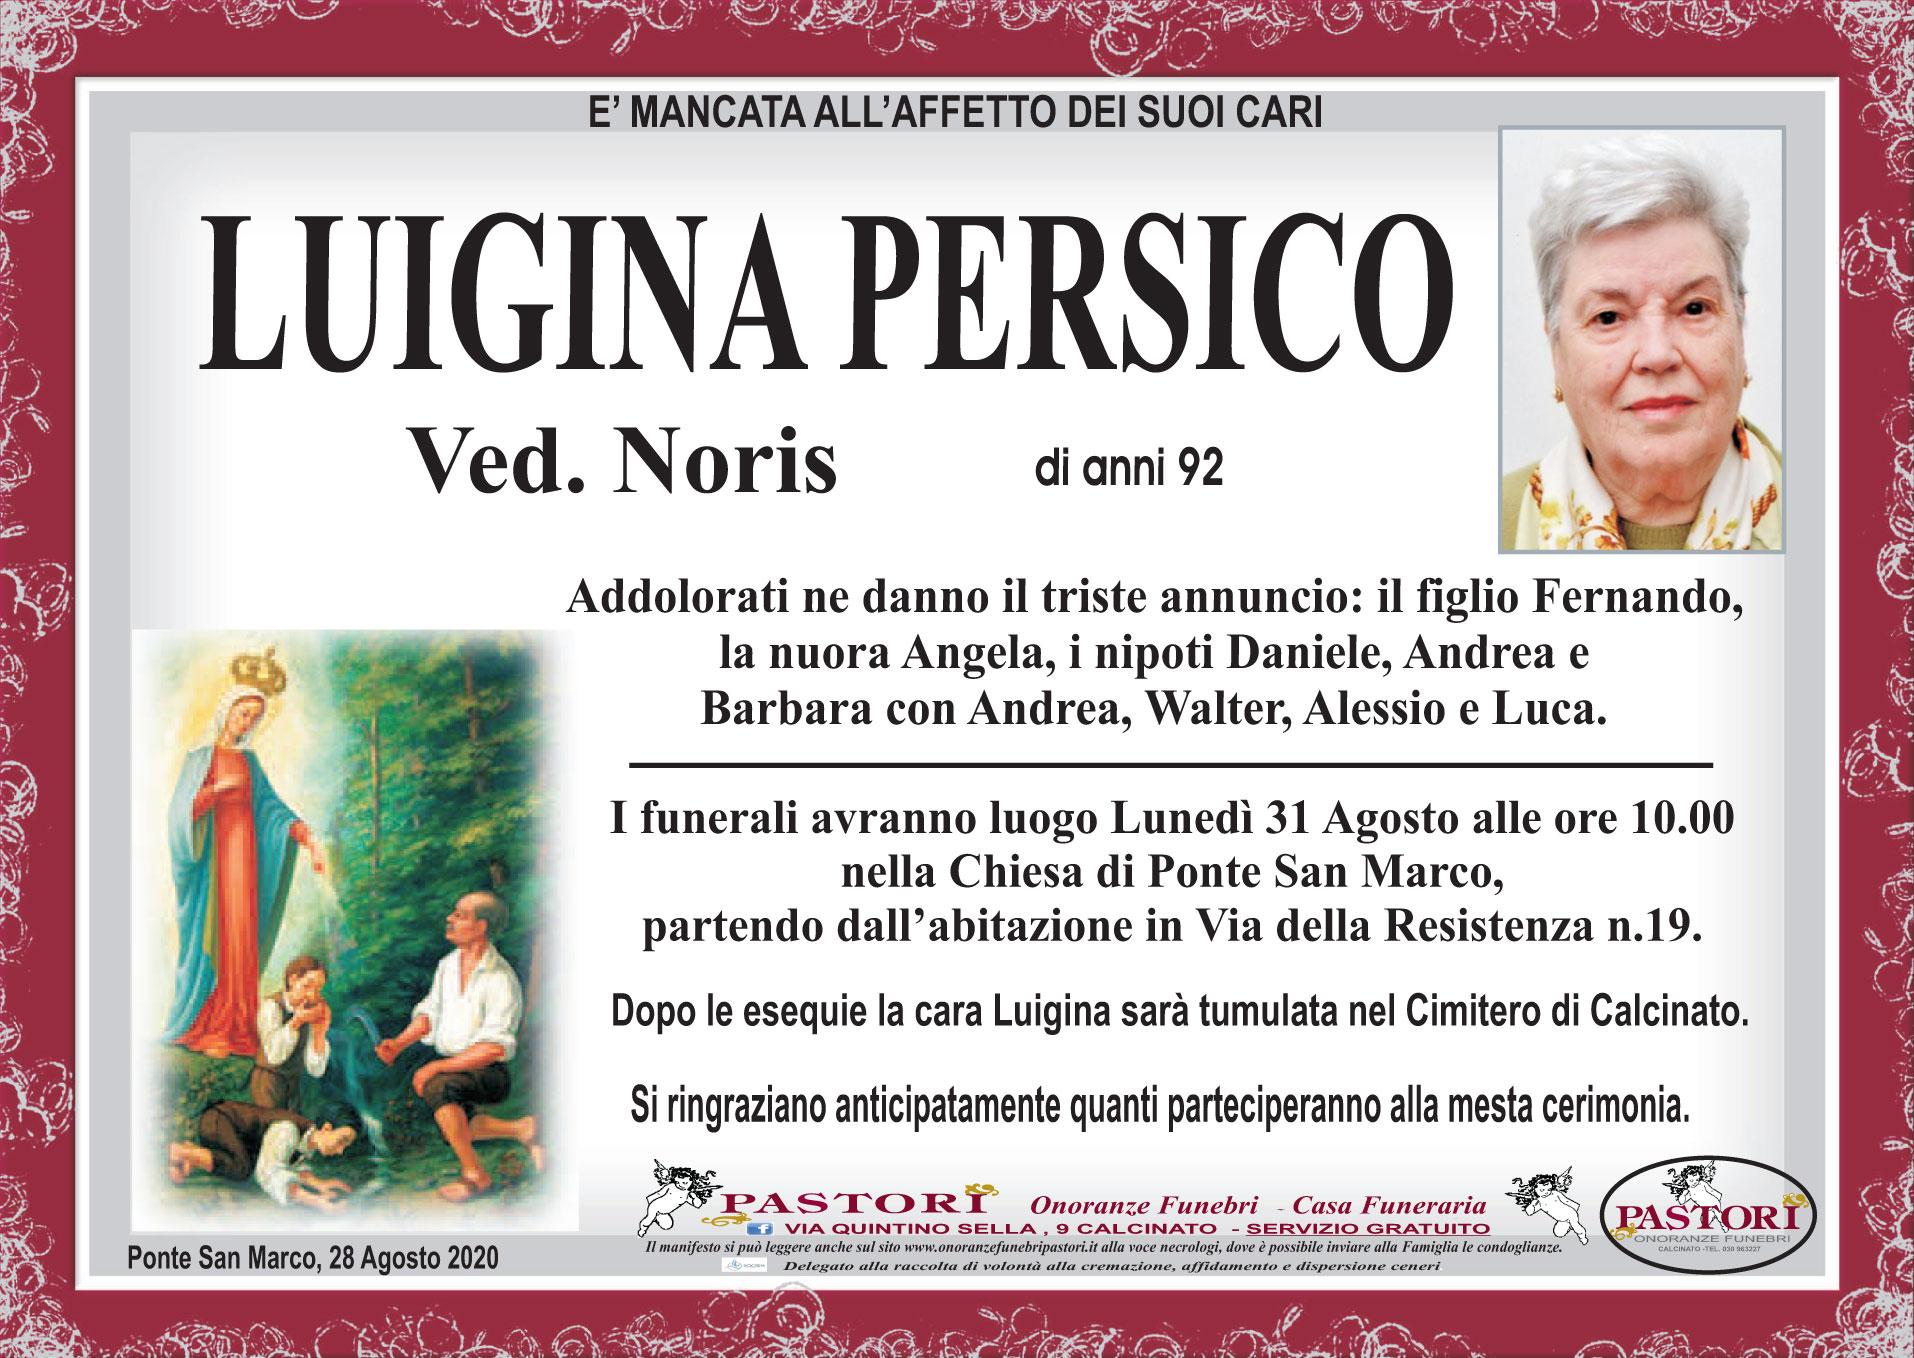 Luigina Persico